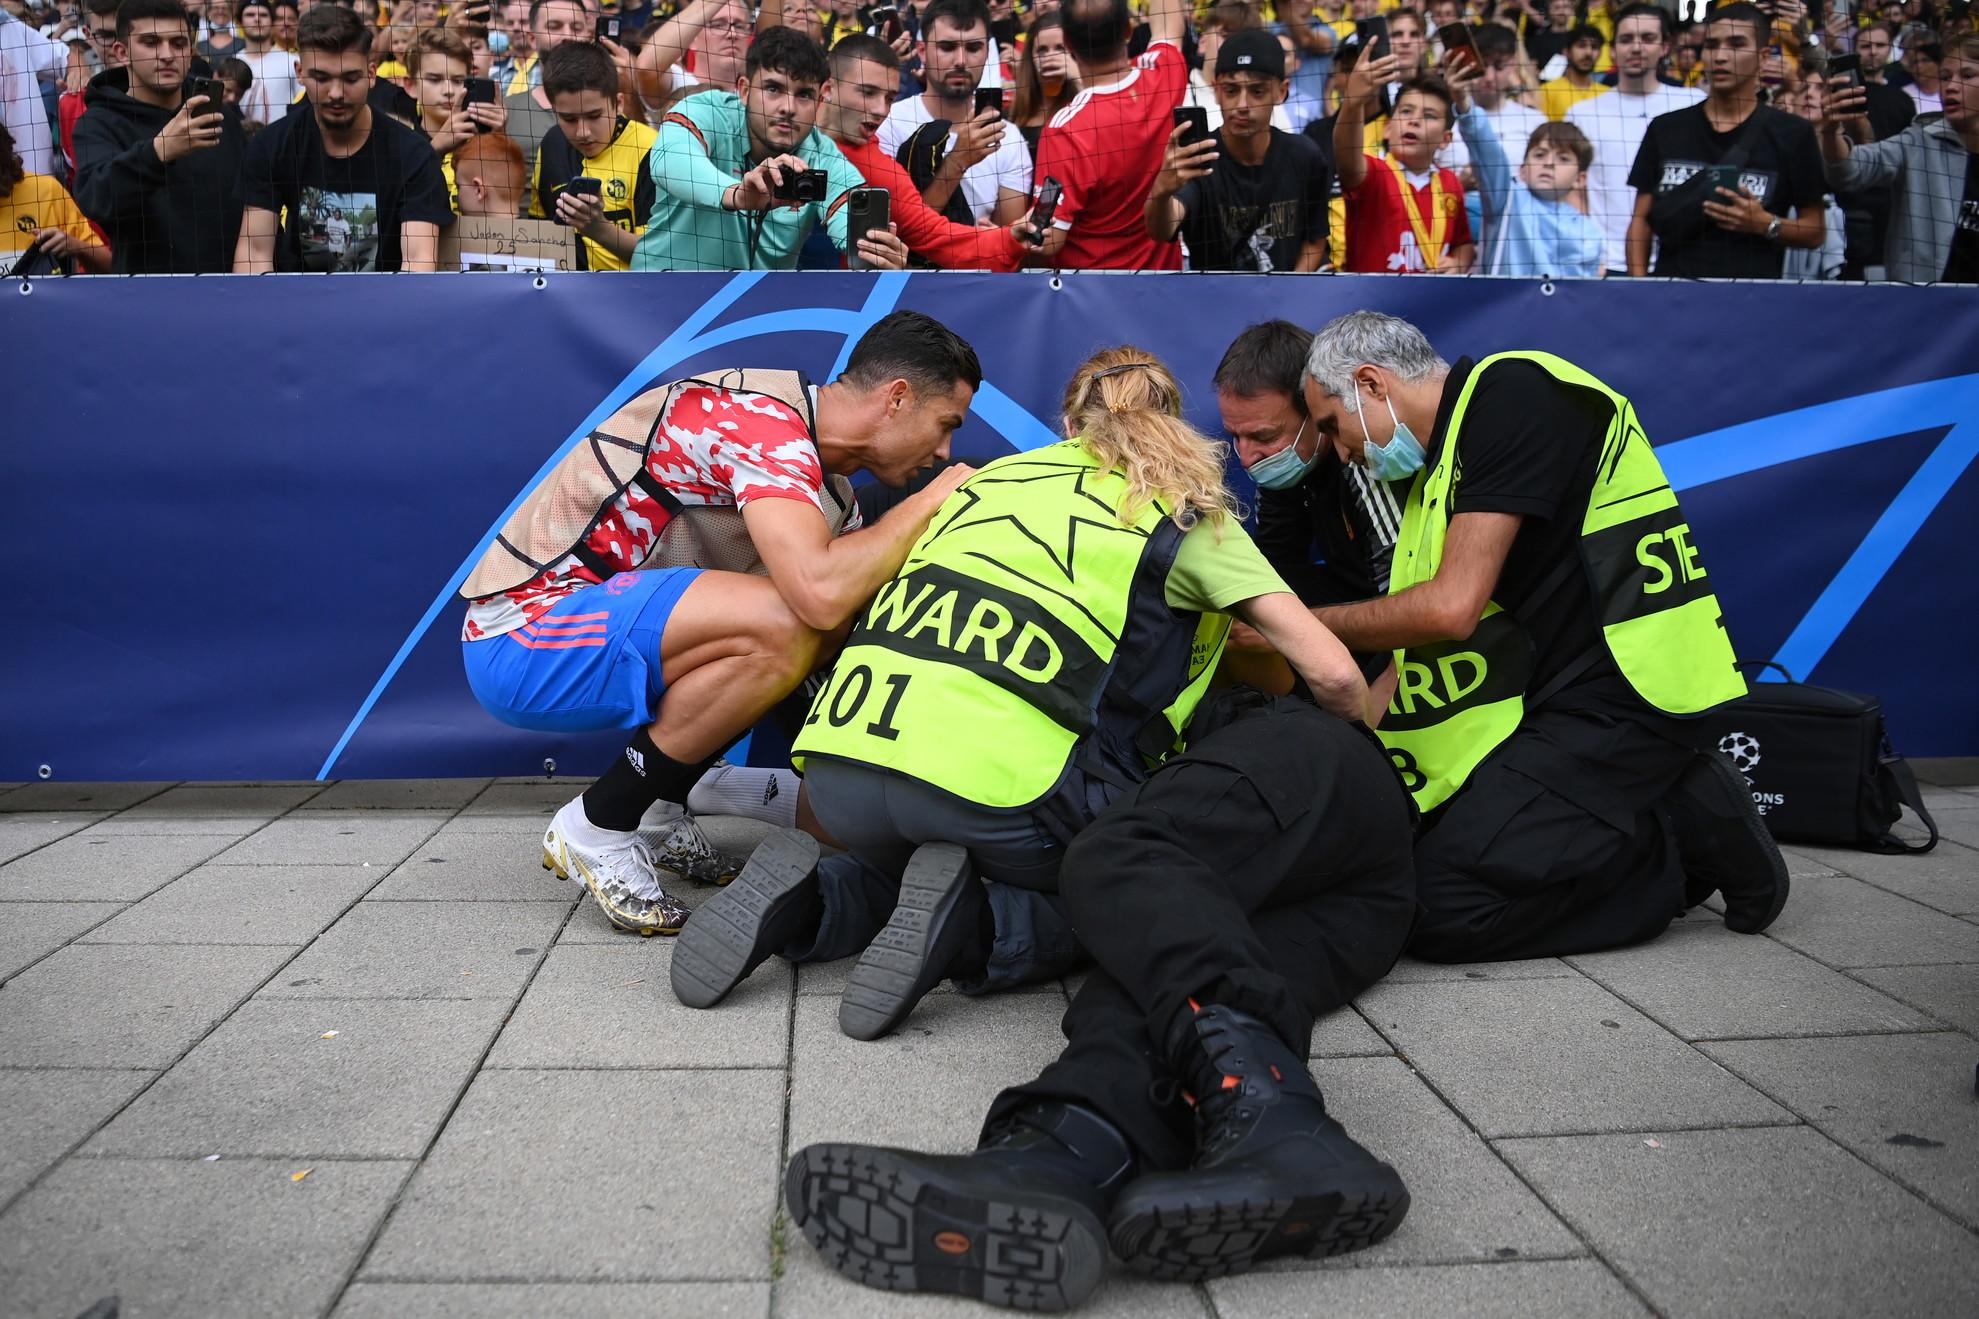 Particolare episodio, per fortuna senza conseguenze, nel riscaldamento di Young Boys-Manchester United.&nbsp;Cristiano Ronaldo, calciando una punizione, ha colpito accidentalmente&nbsp;una steward di spalle presente a bordo campo e poi &egrave; andato sincerarsi delle sue condizioni, porgendo le sue&nbsp;scuse. A fine gara il fuoriclasse portoghese le ha anche&nbsp;regalato la sua maglietta.<br /><br />